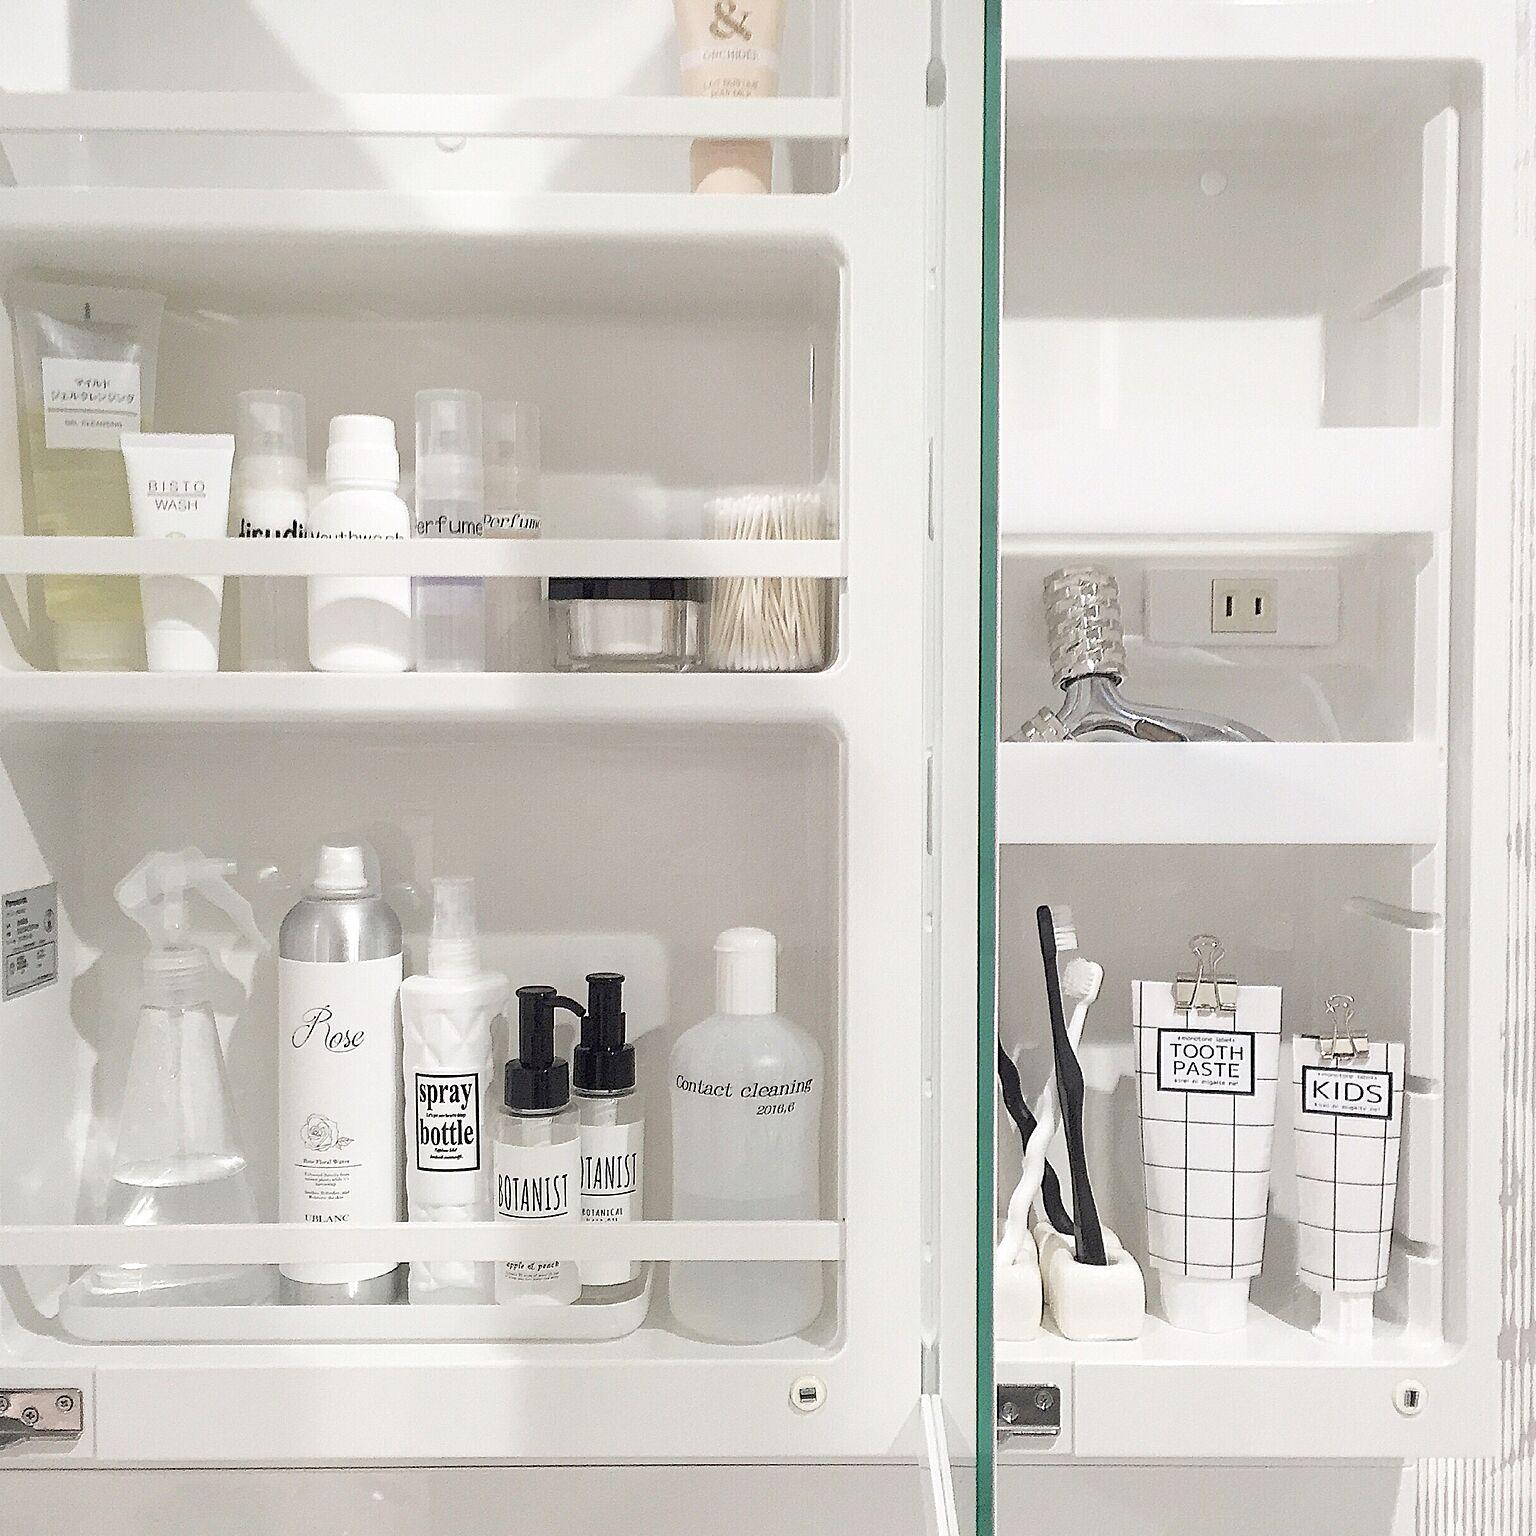 洗面用具の収納もパッケージの色を統一したり、詰め替えたりしながら見せ方を工夫しましょう。